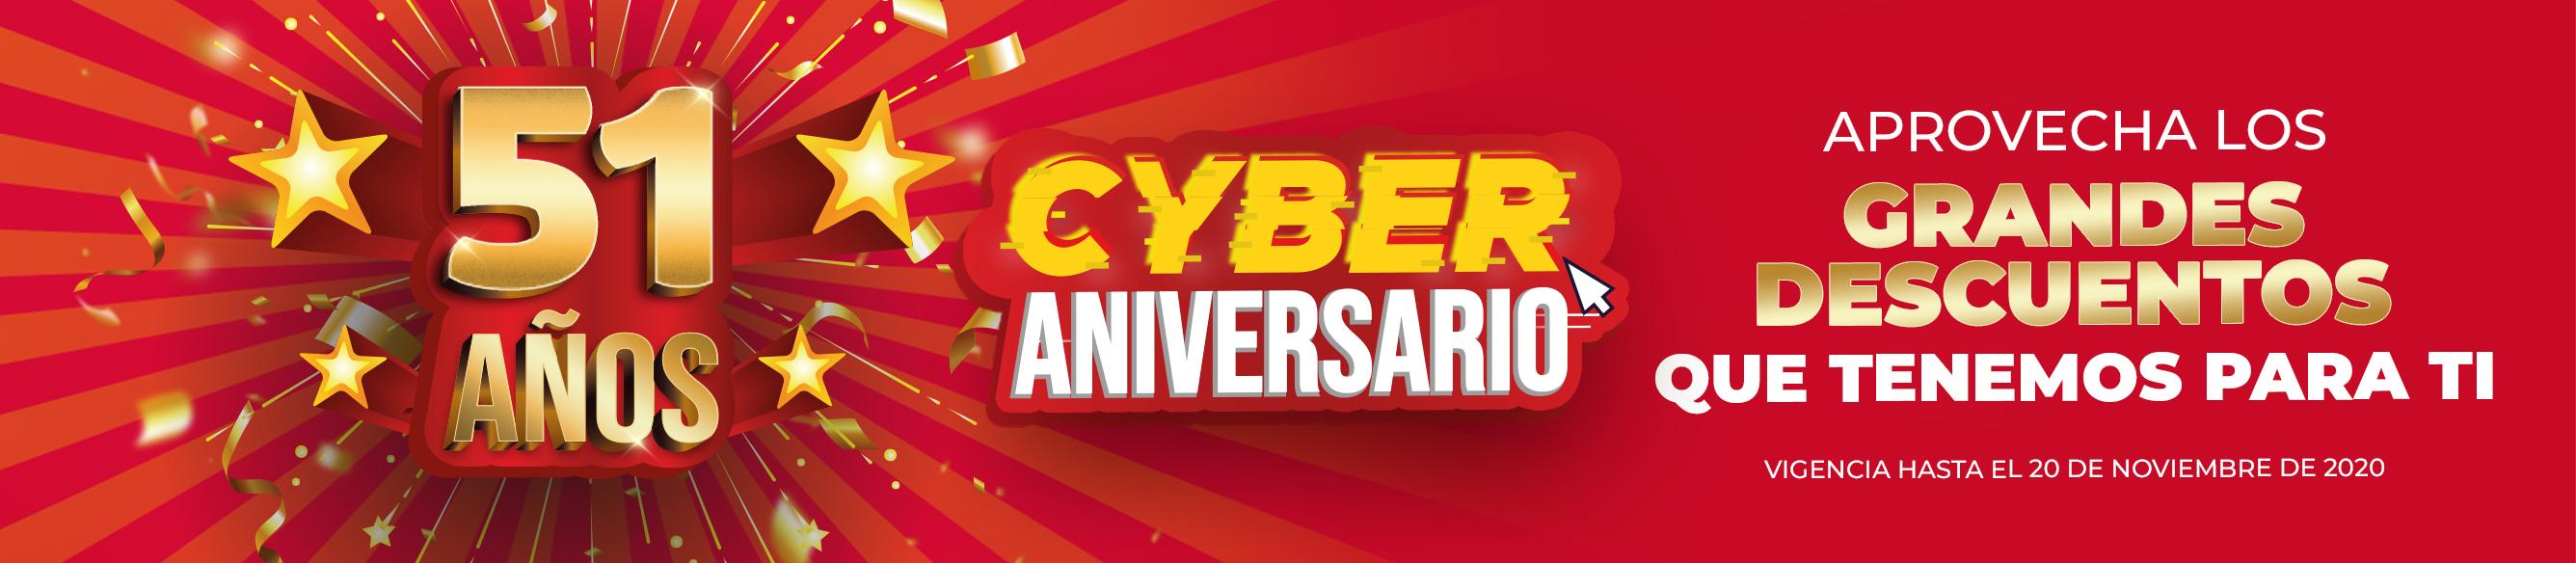 Cyber Aniversario